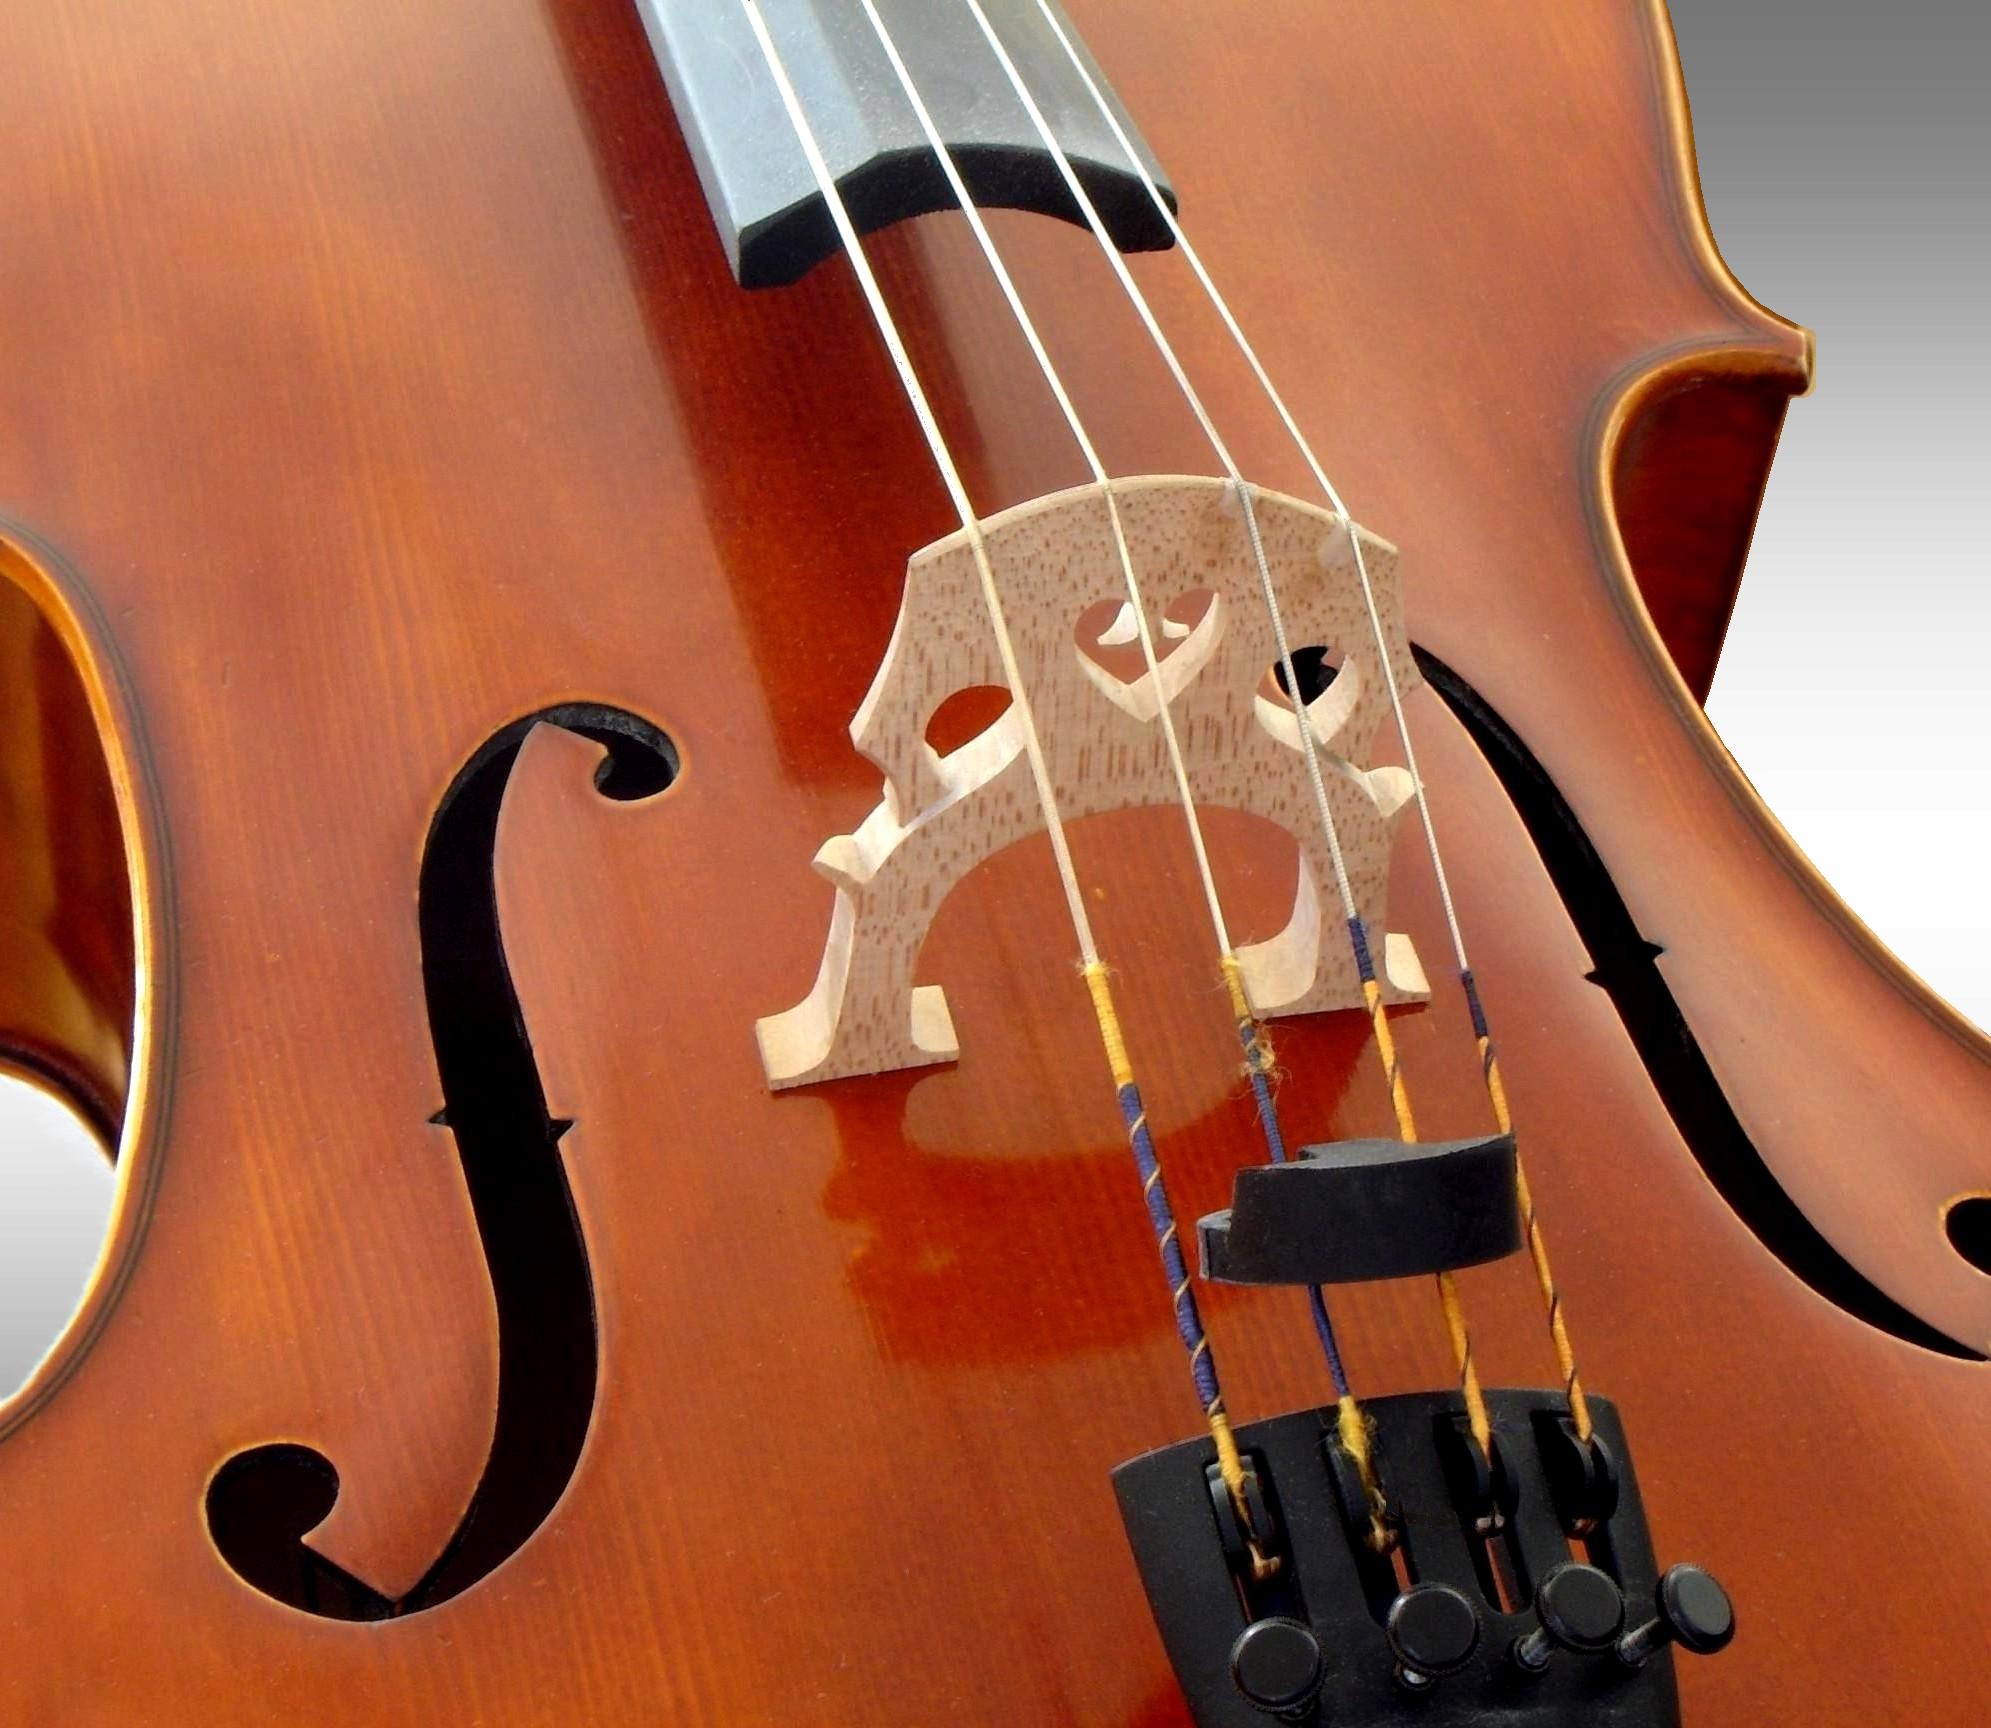 Cello_bridge2.JPG